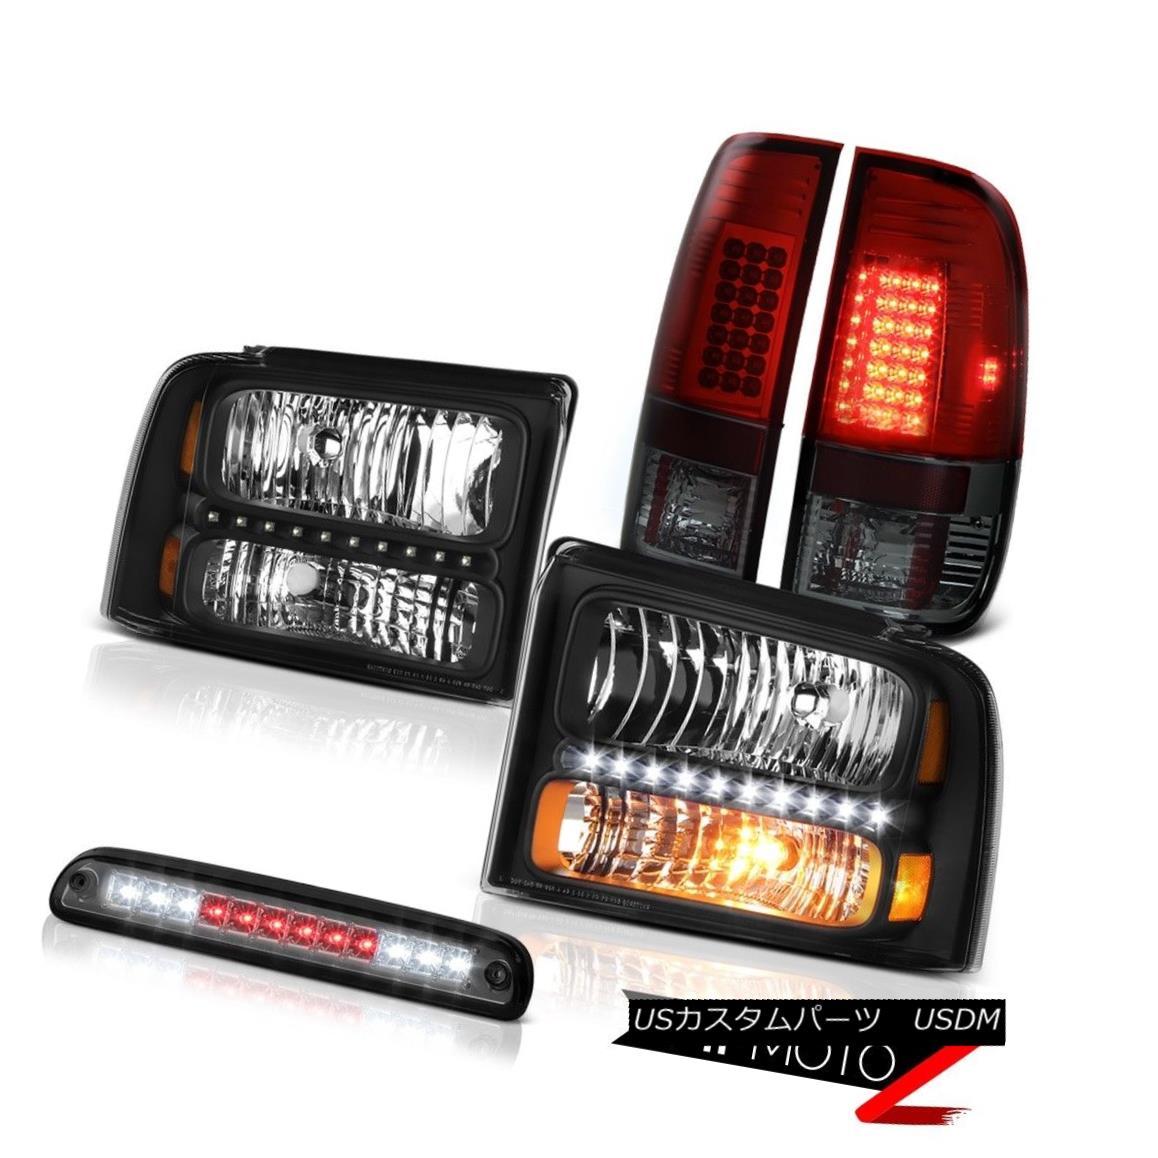 テールライト 2005-2007 F250 5.4L Matte Black Headlights Cherry Red Tail Lights 3rd Brake LED 2005-2007 F250 5.4Lマットブラックヘッドライトチェリーレッドテールライト3rdブレーキLED